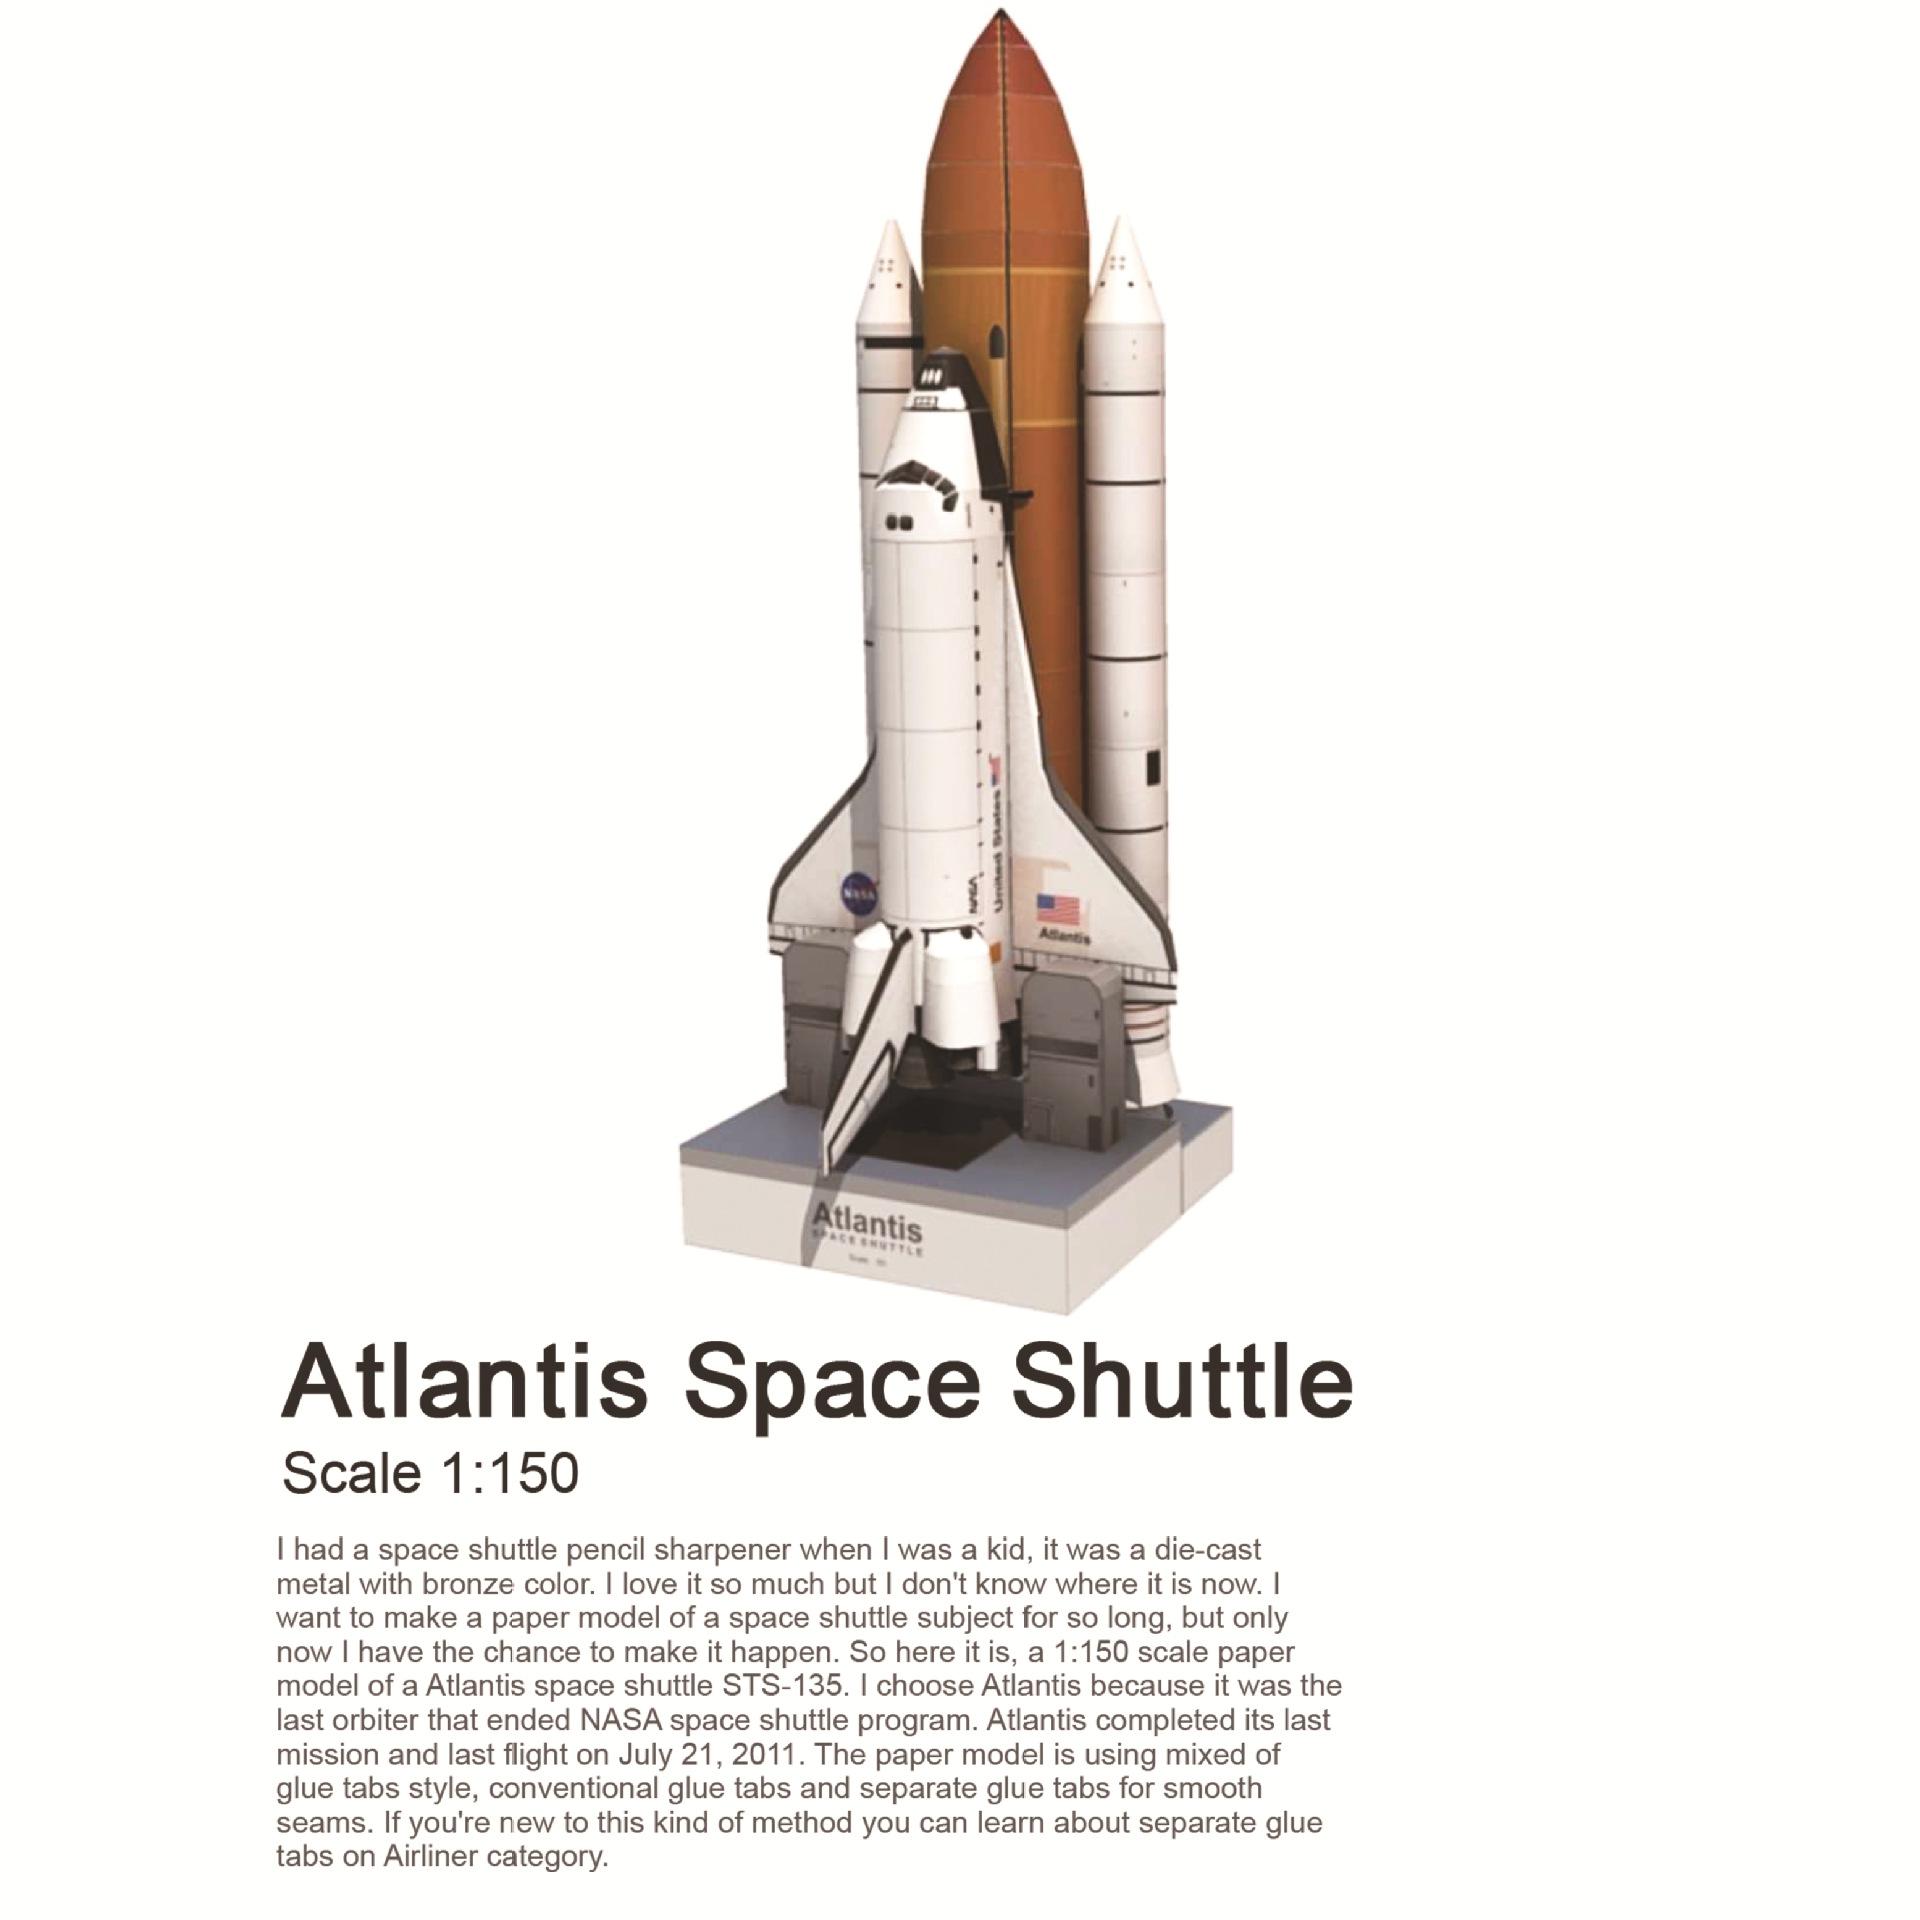 1:150 Scale Space Shuttle Atlantis 3D Puzzle Paper Model Gift Hot DIY K9R3